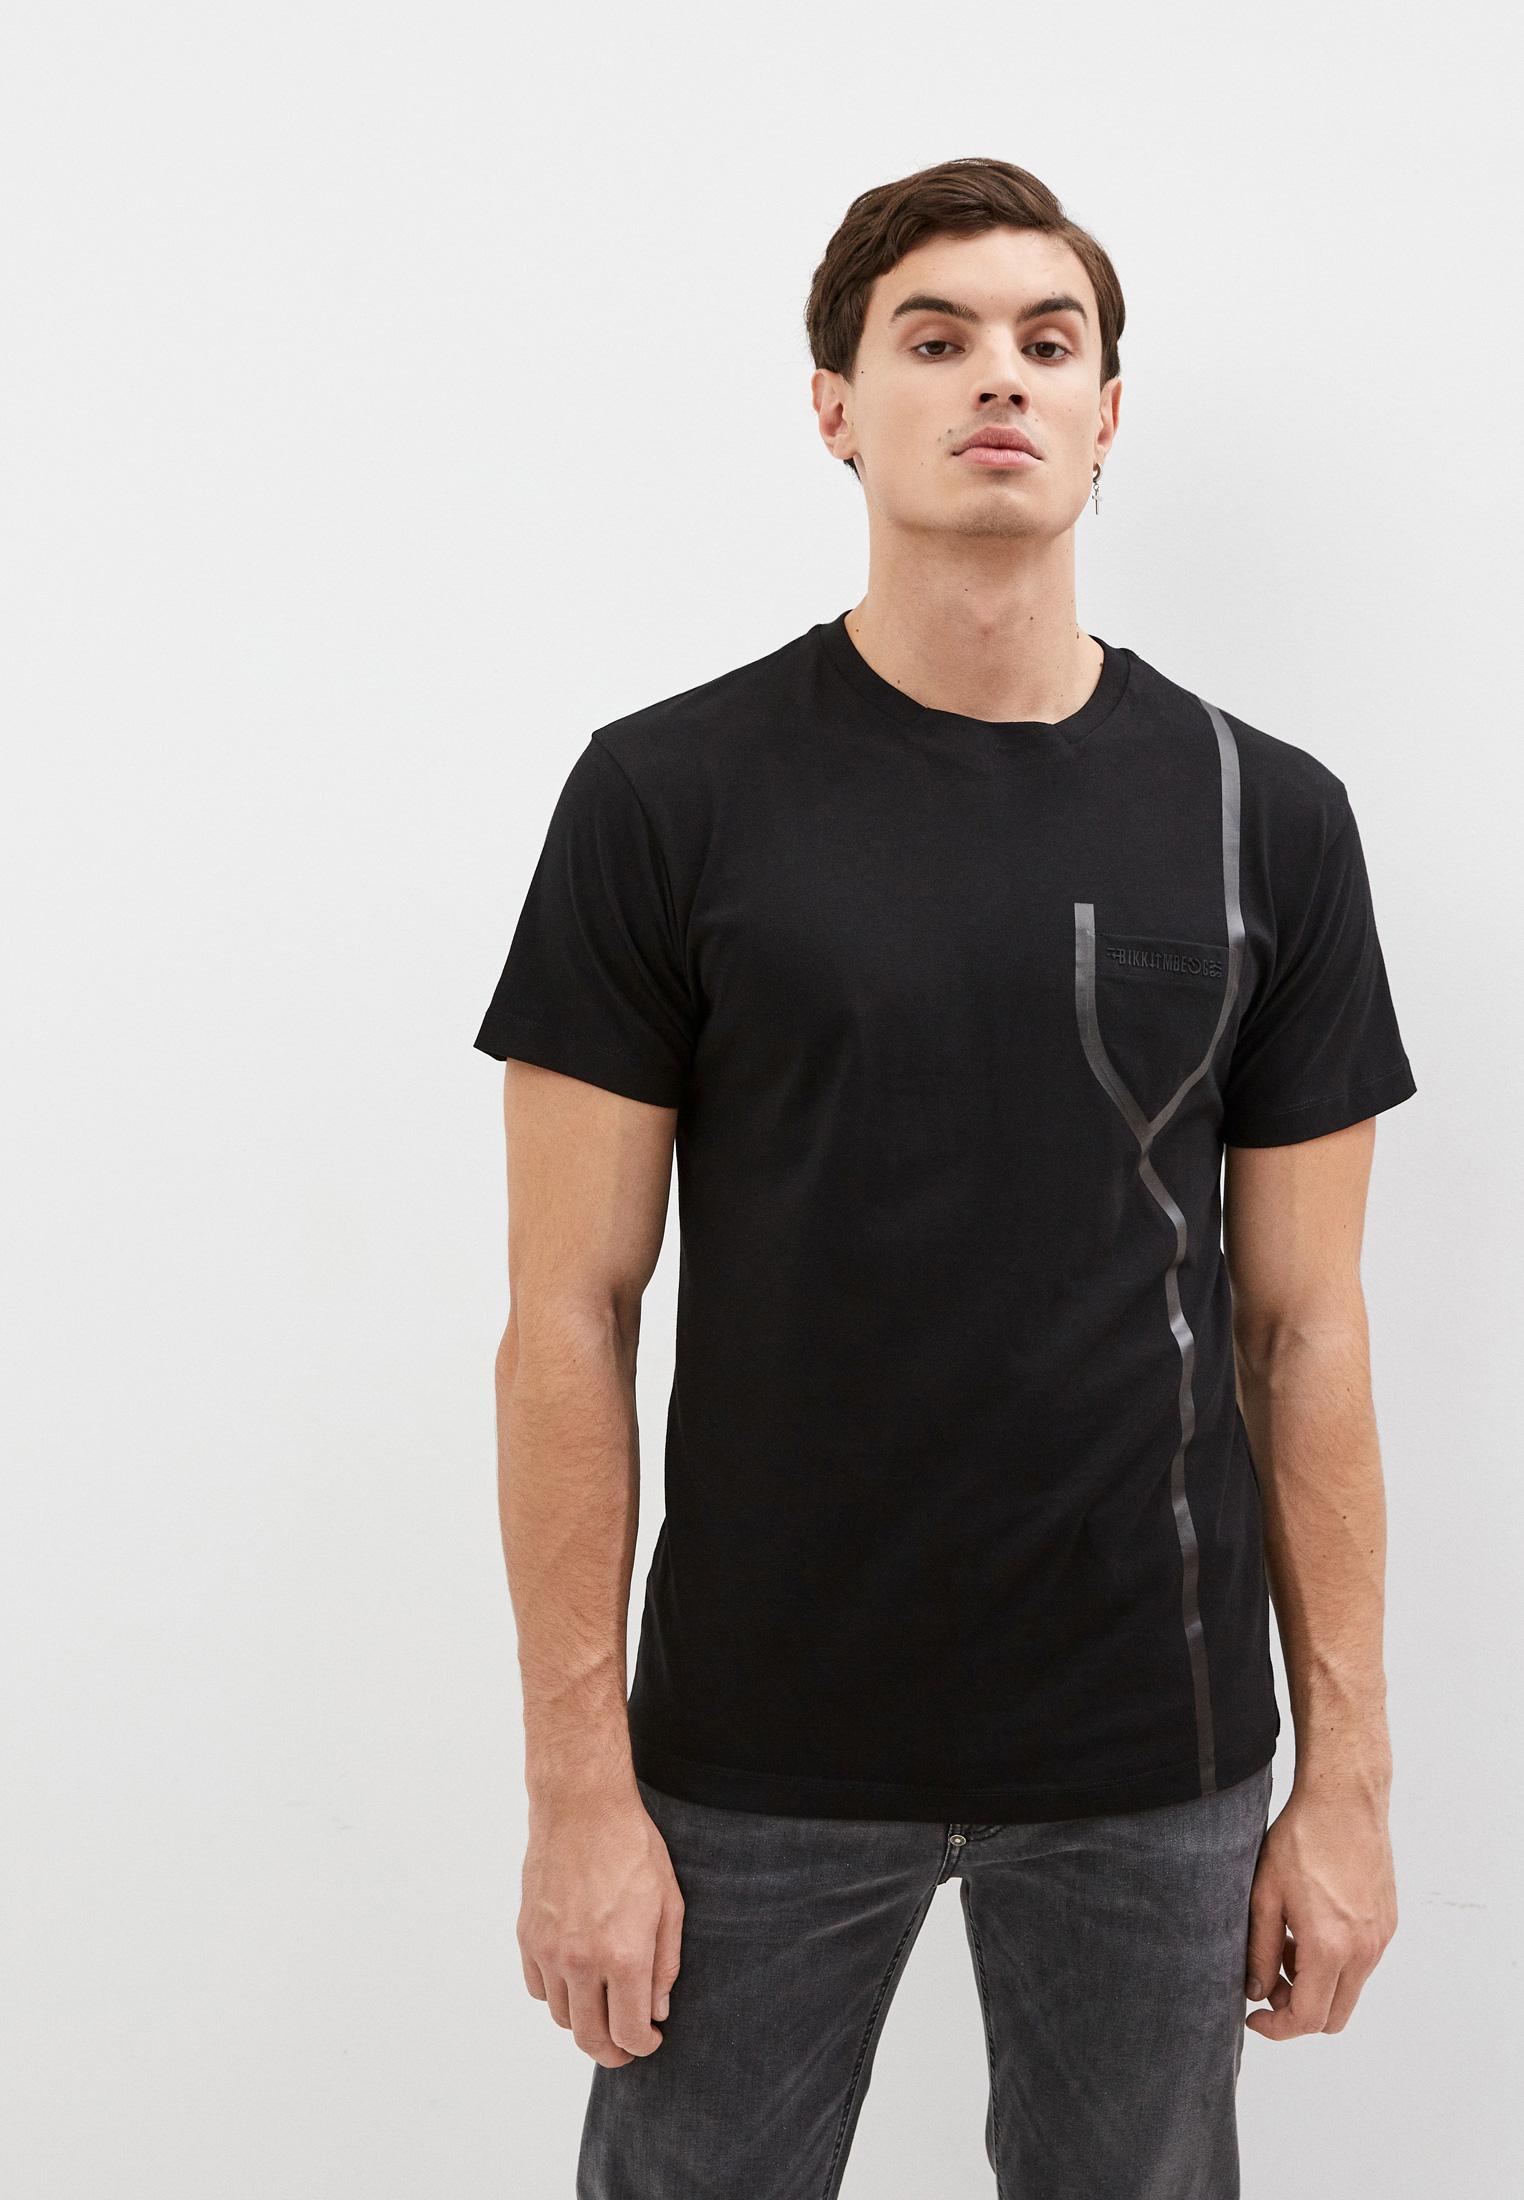 Мужская футболка Bikkembergs (Биккембергс) C 4 098 7U M 4244